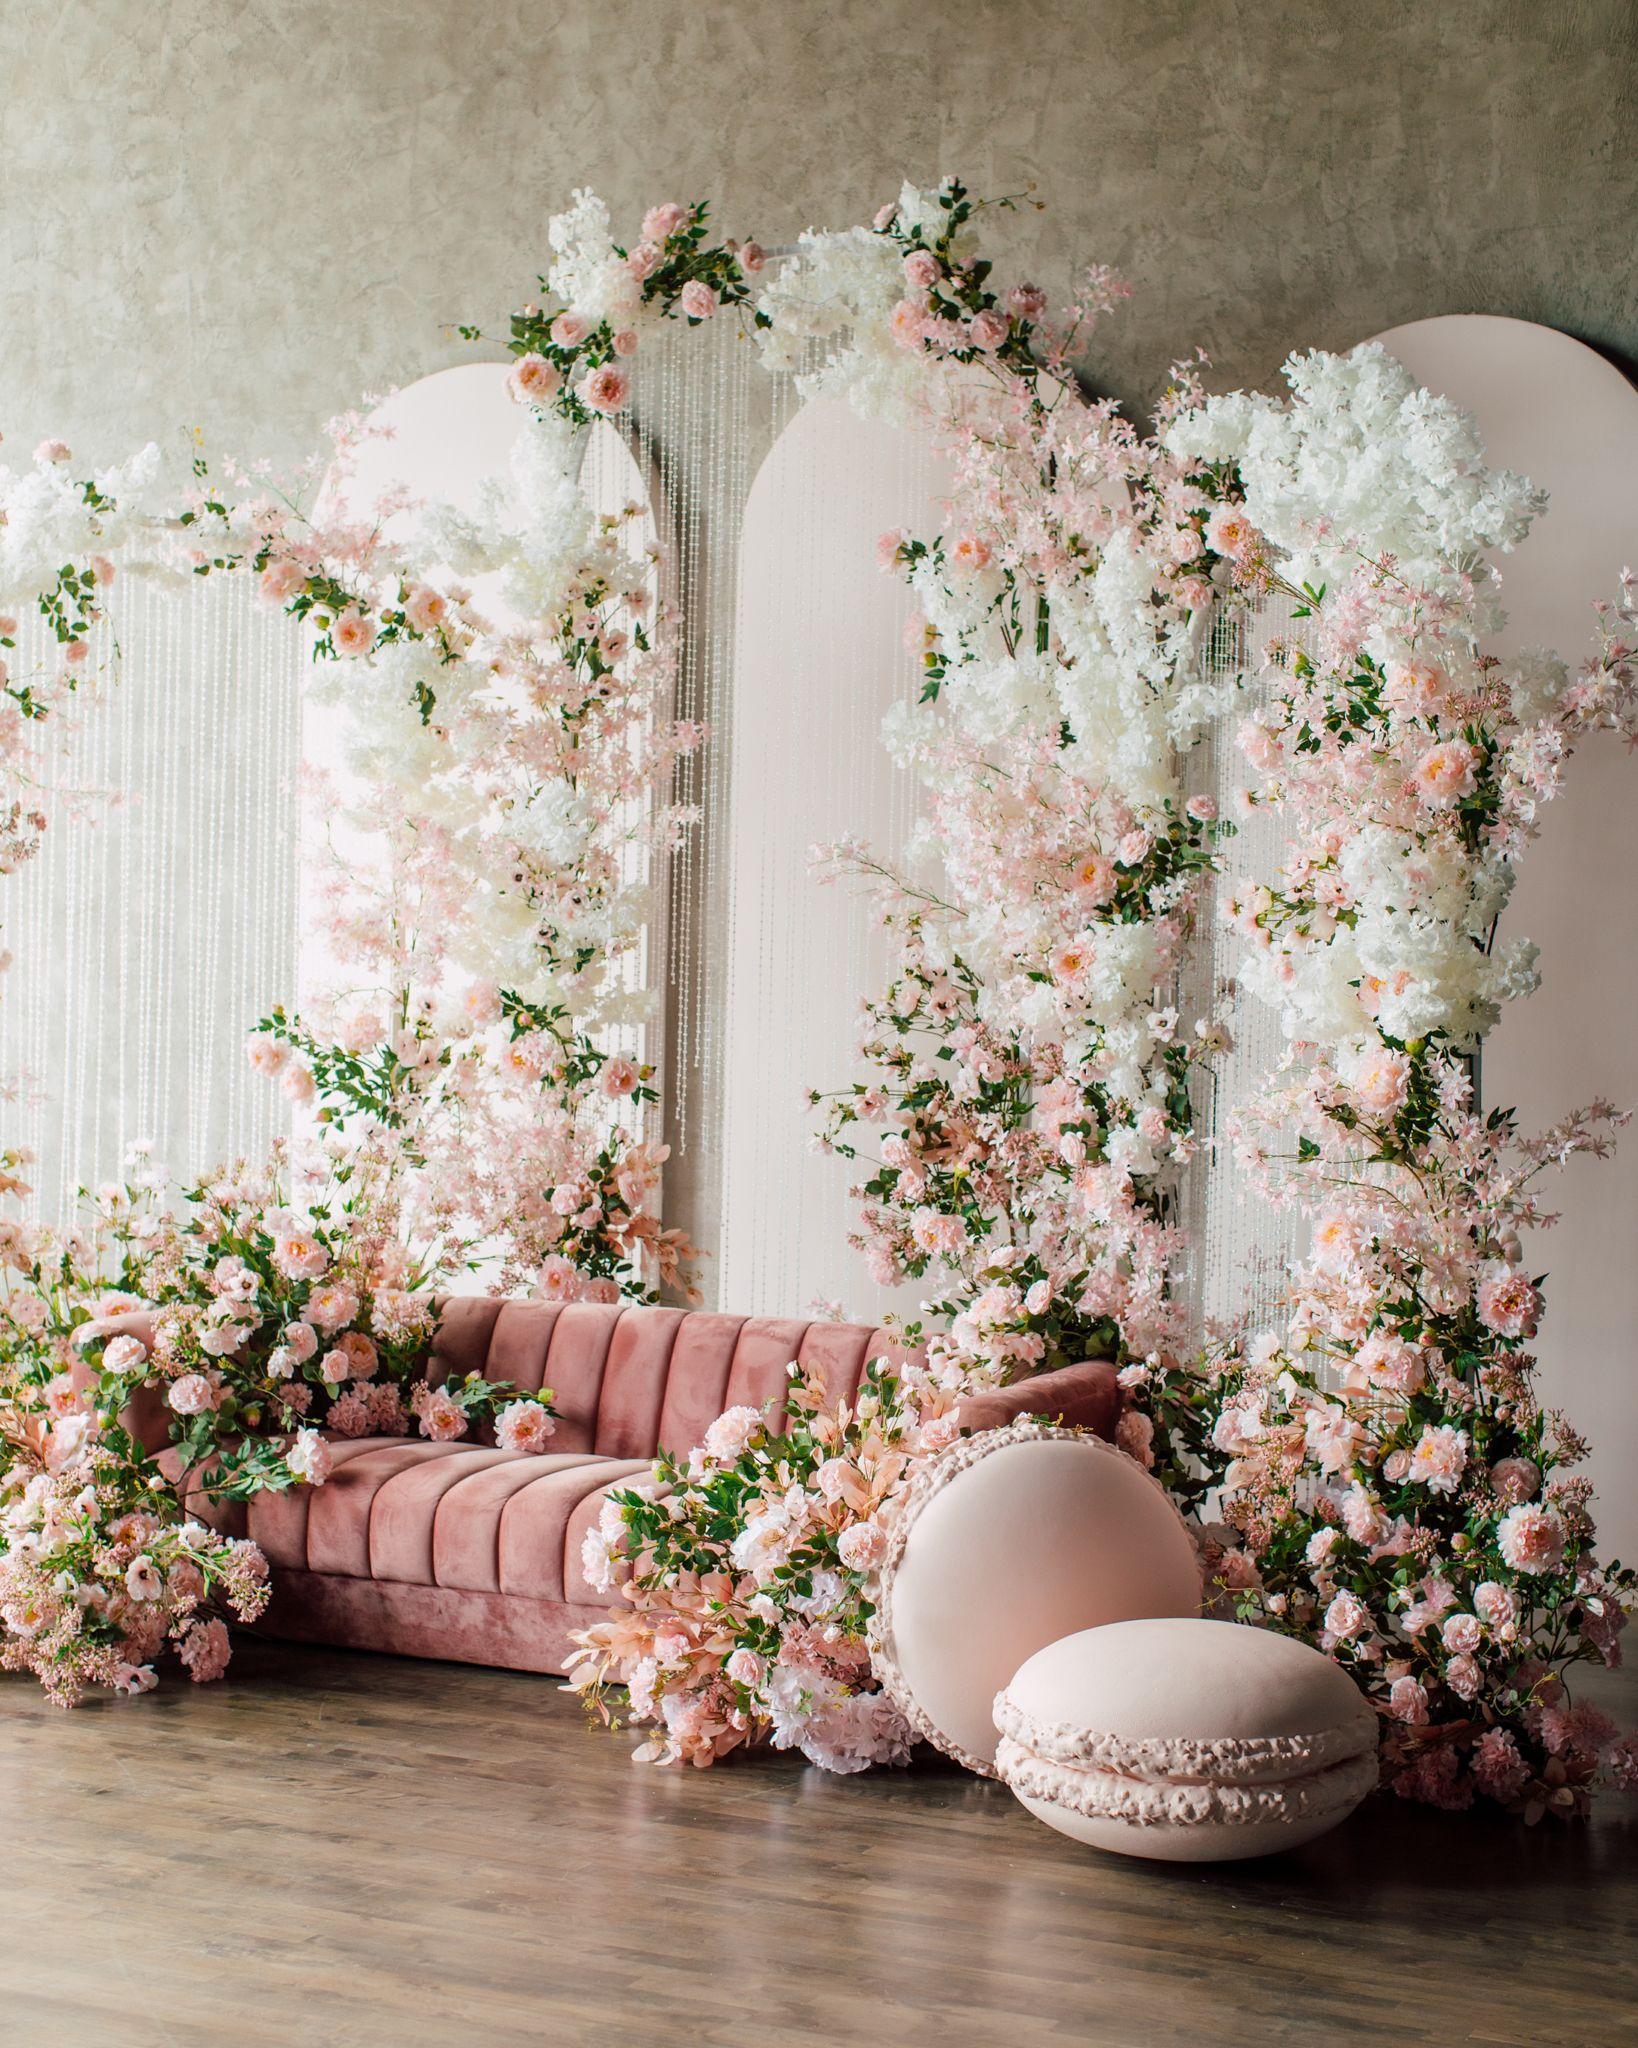 Photozone Ideas Wedding Backdrop Design Wedding Backdrop Decorations Wedding Stage Design